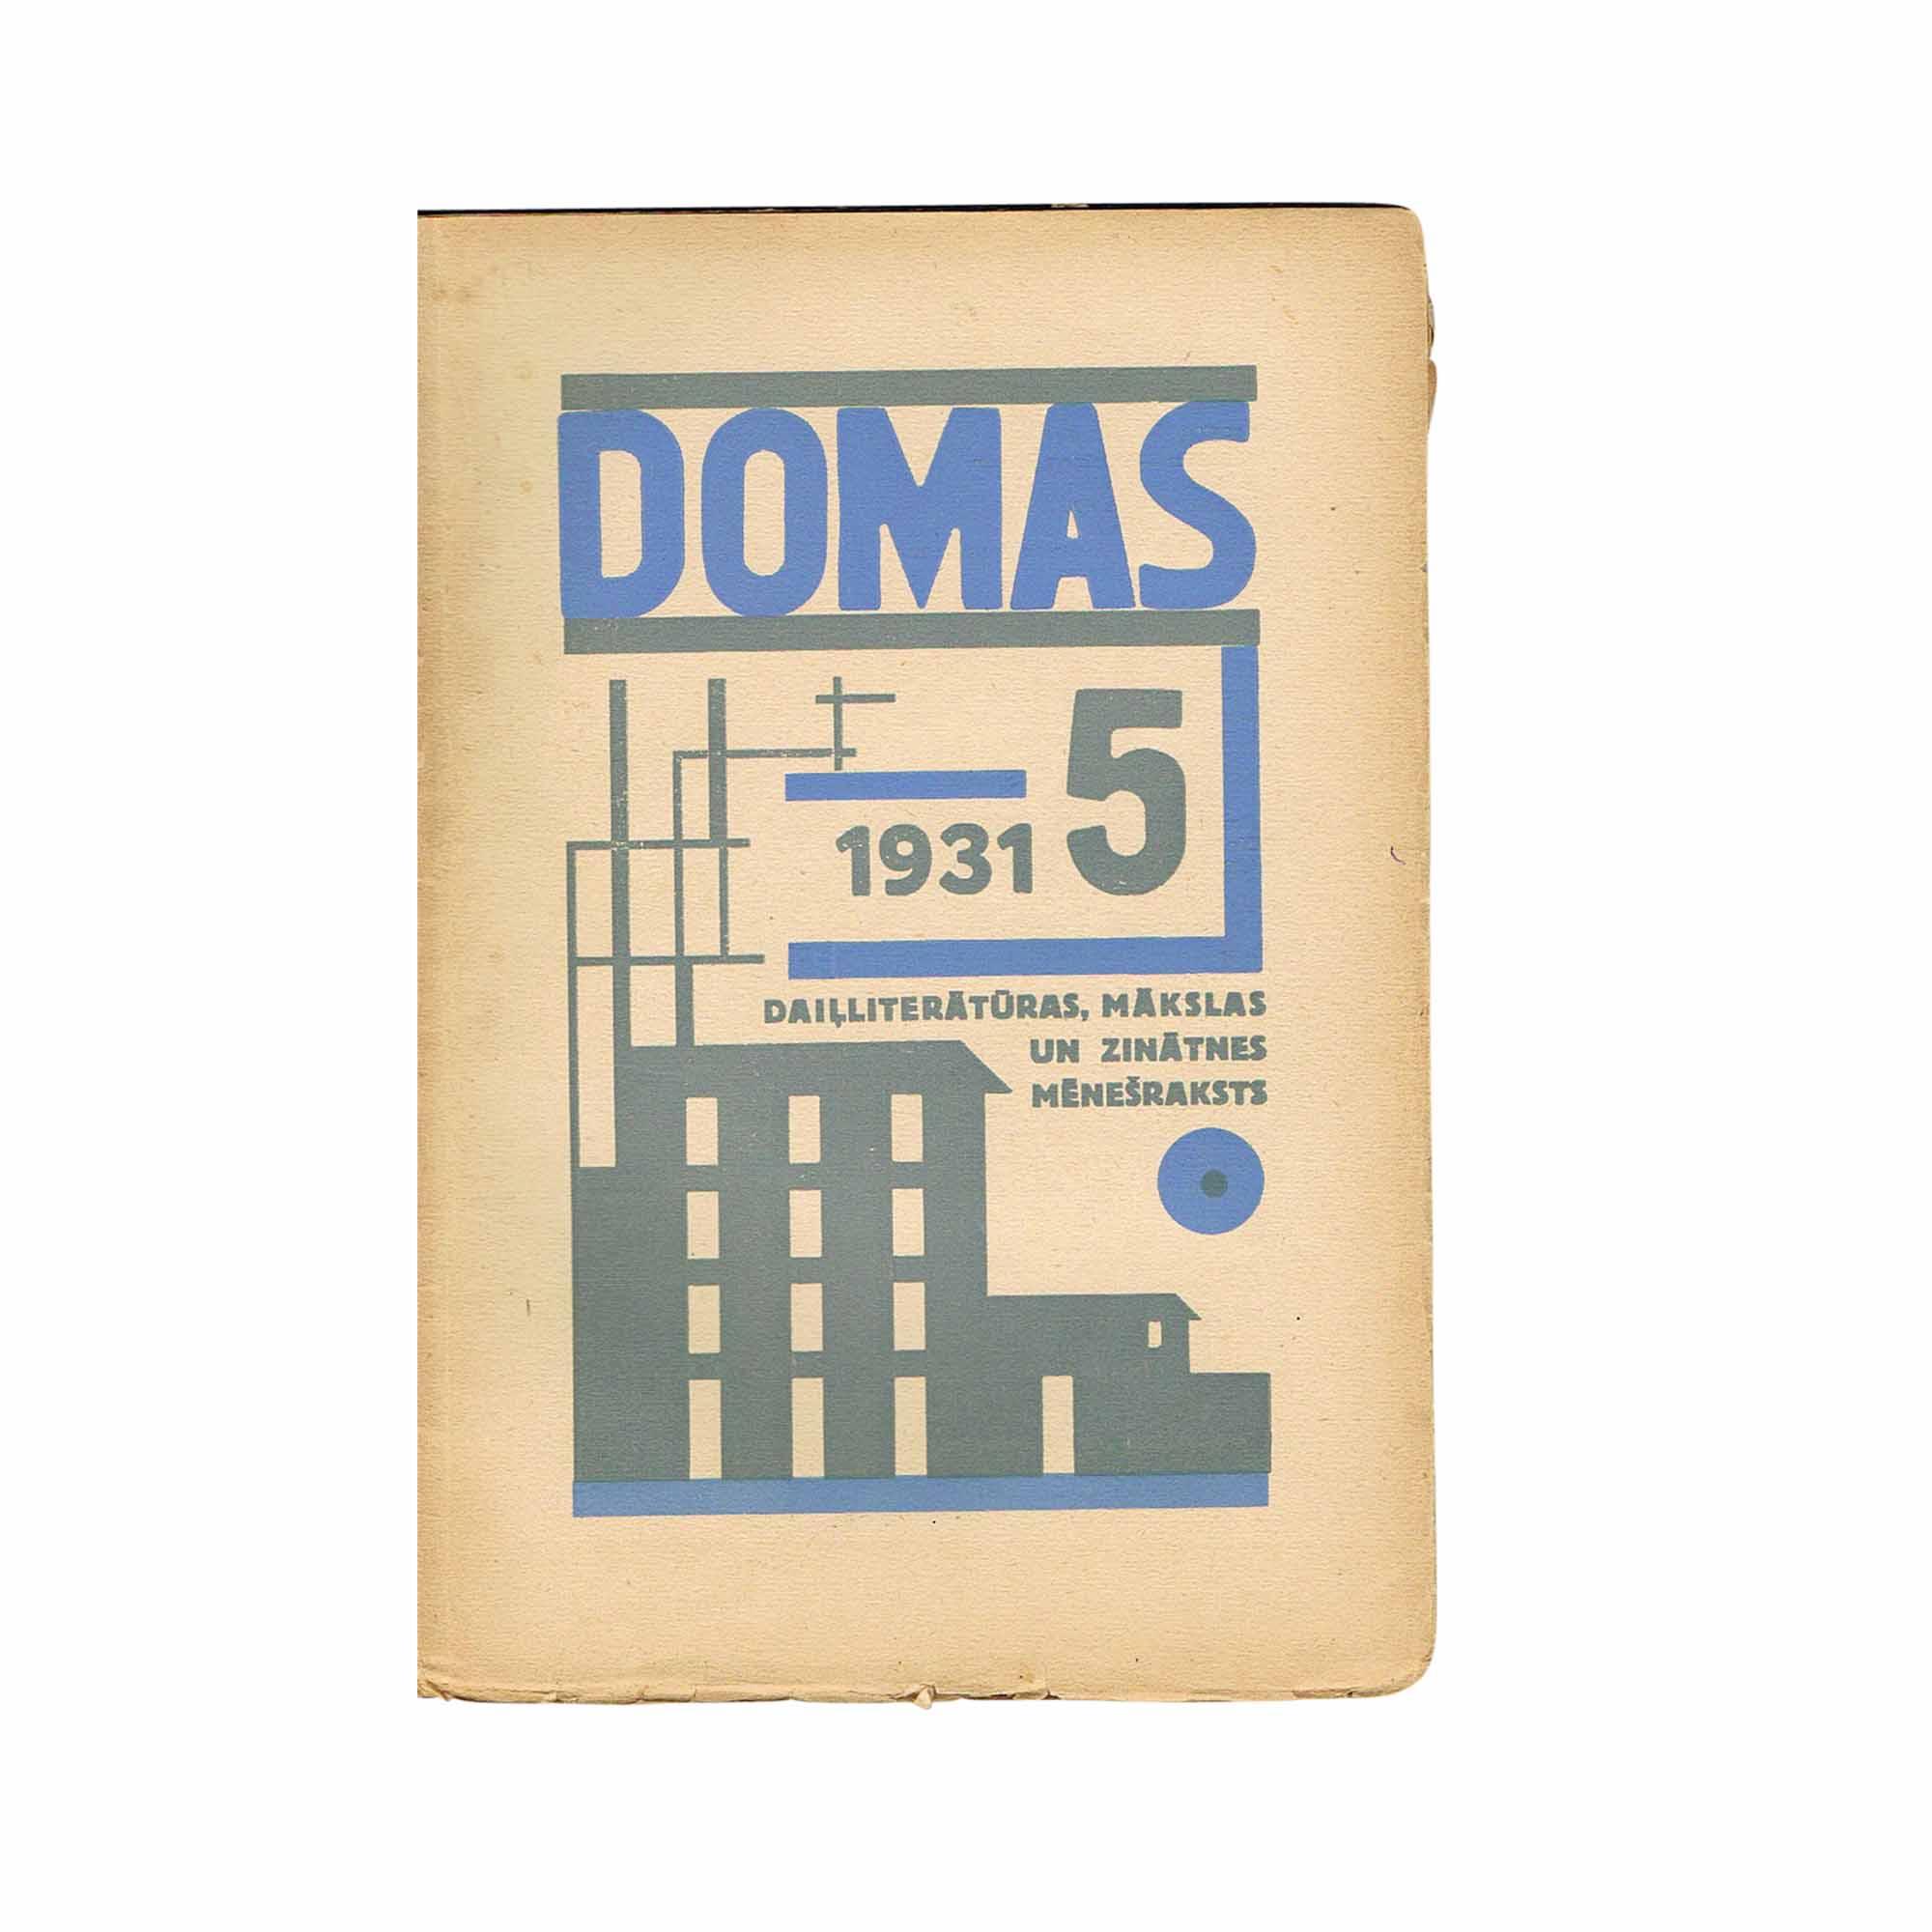 5217-Domas-Strunke-VIII-5-1931-Cover-N.jpg